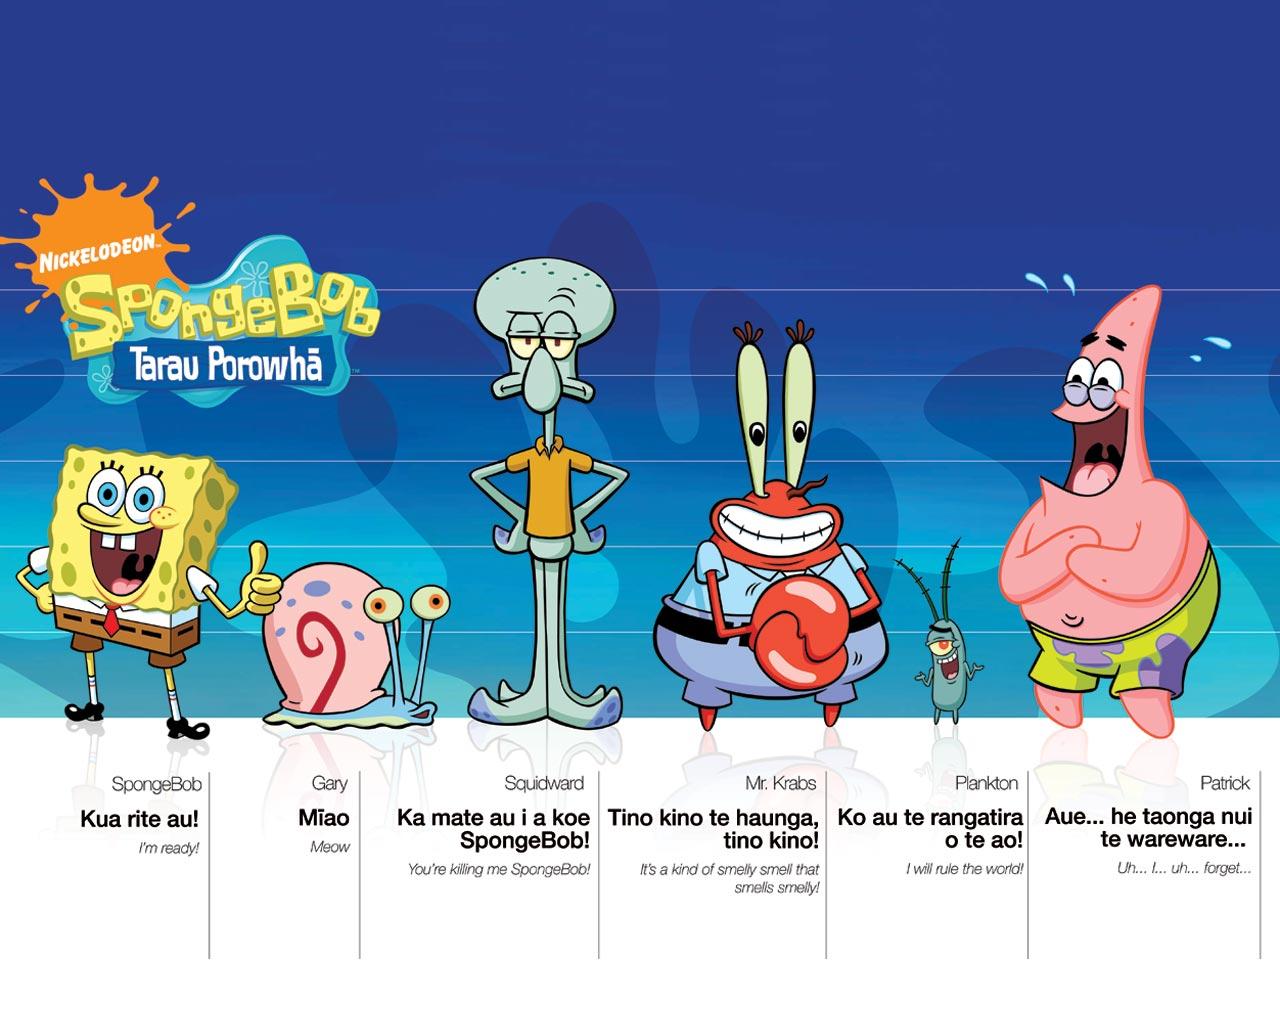 gambar spongebob lucu | XTRA TWO